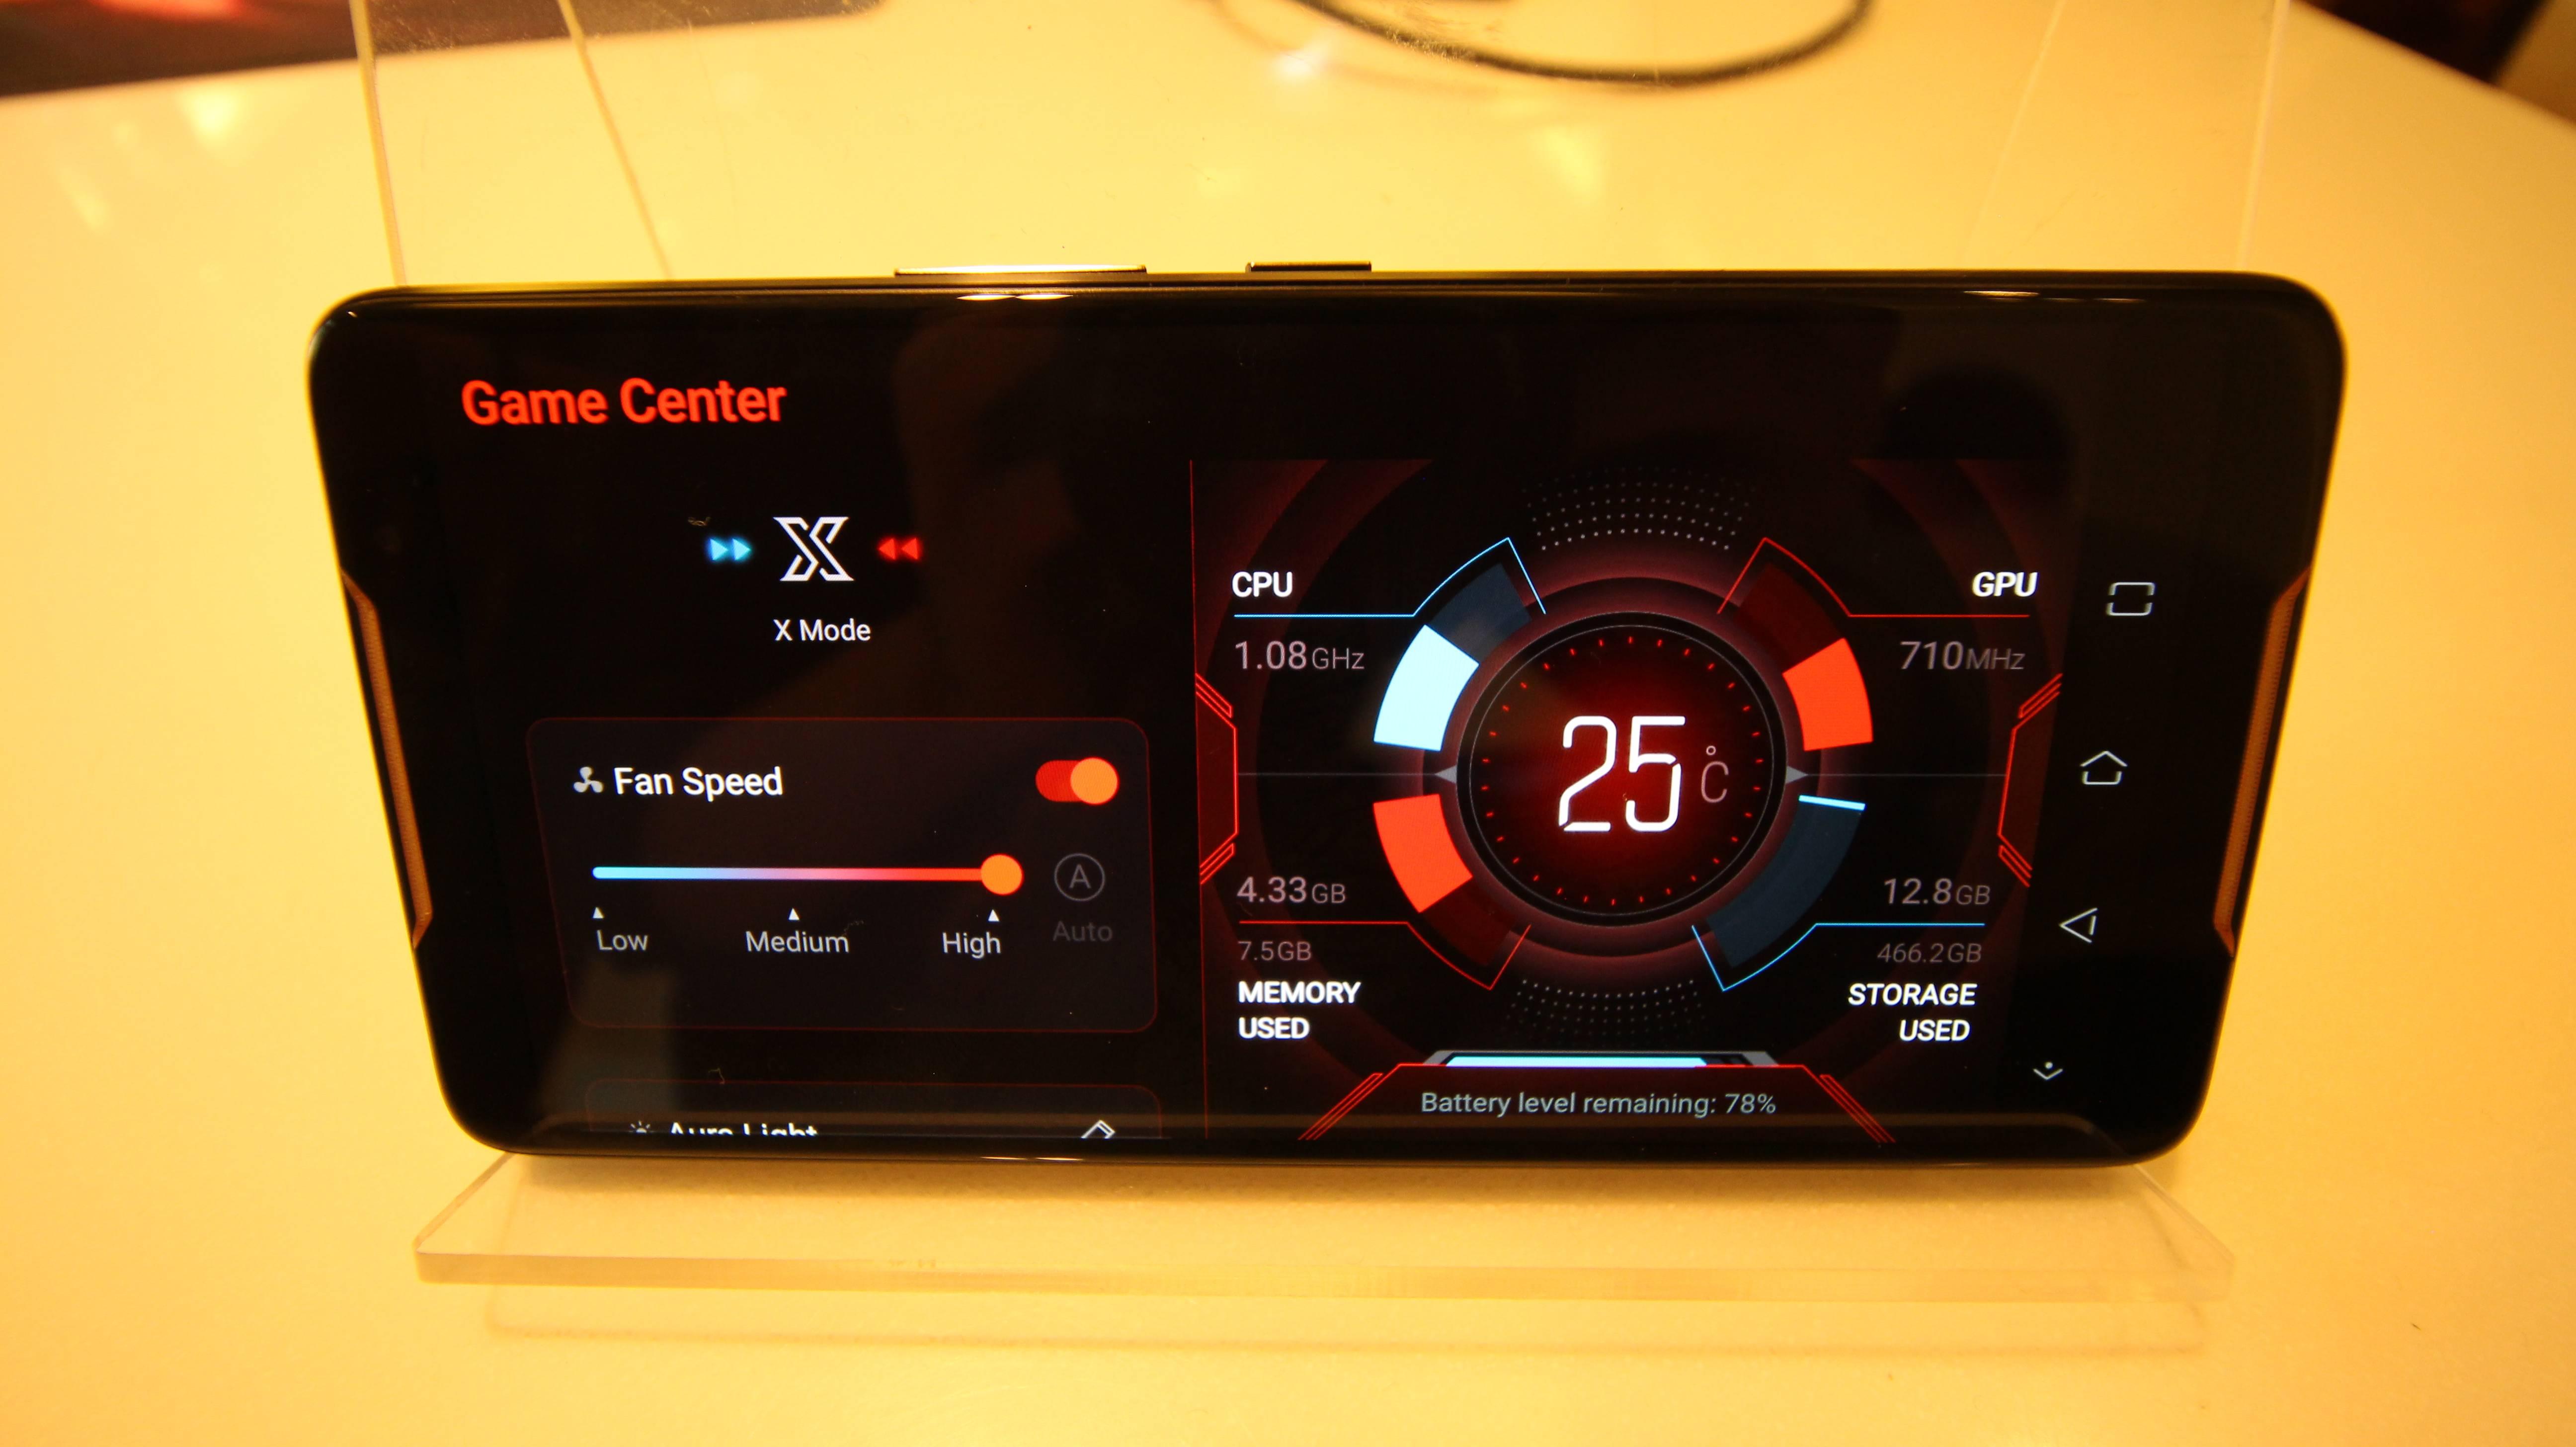 ASUS ROG presenta su nuevo smartphone gamer con increíbles prestaciones